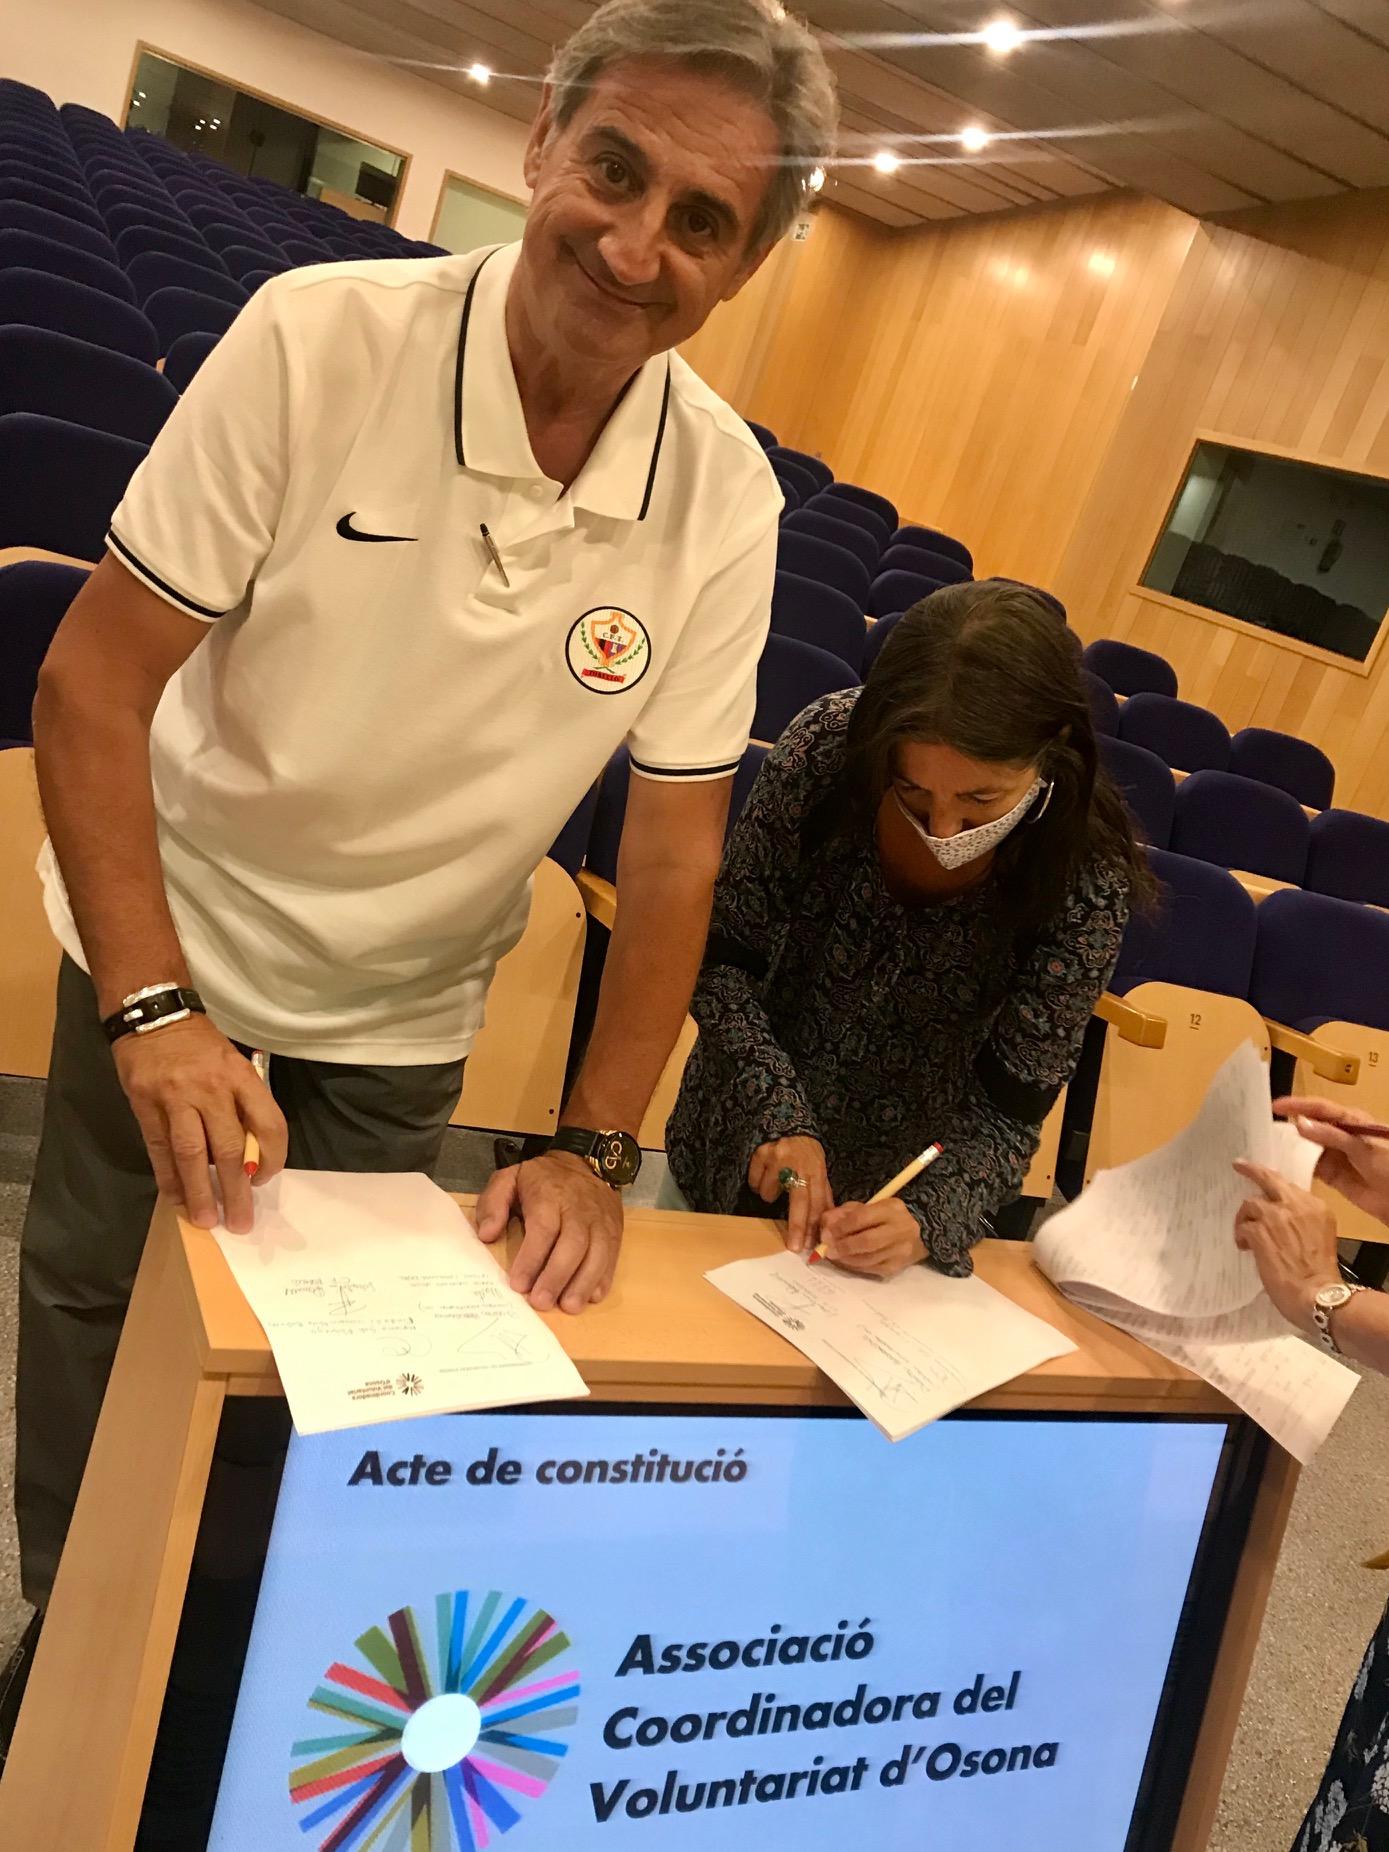 EL CF. TORELLÓ MEMBRE CONSTITUENT de l'ASSOCIACIÓ COORDINADORA del VOLUNTARIAT D'OSONA